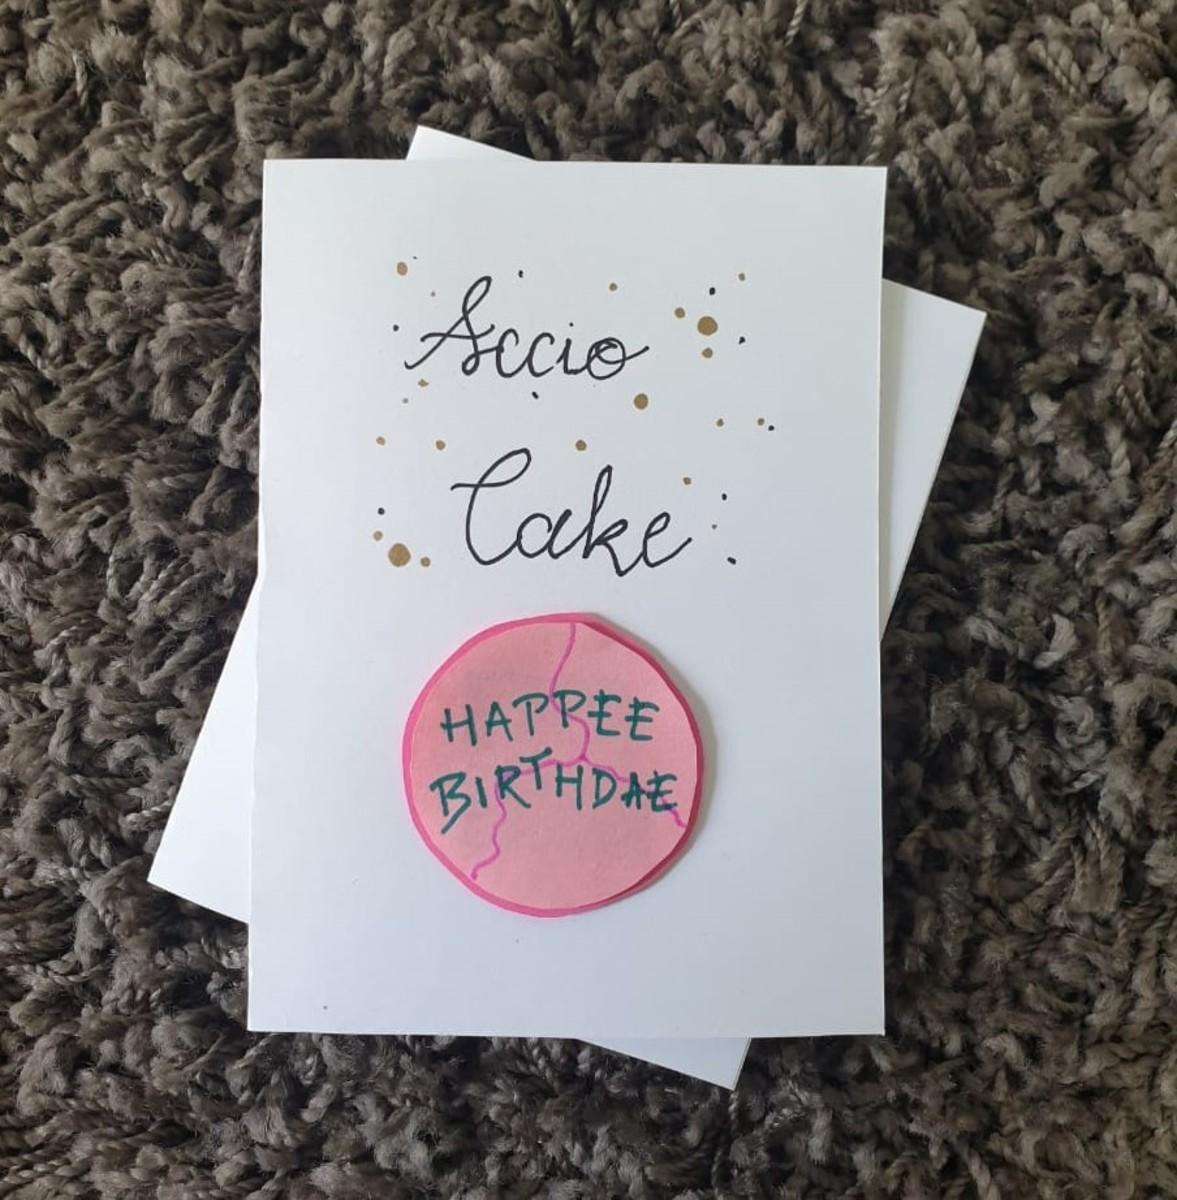 Hagrid's Happee Birthdae Greeting Card